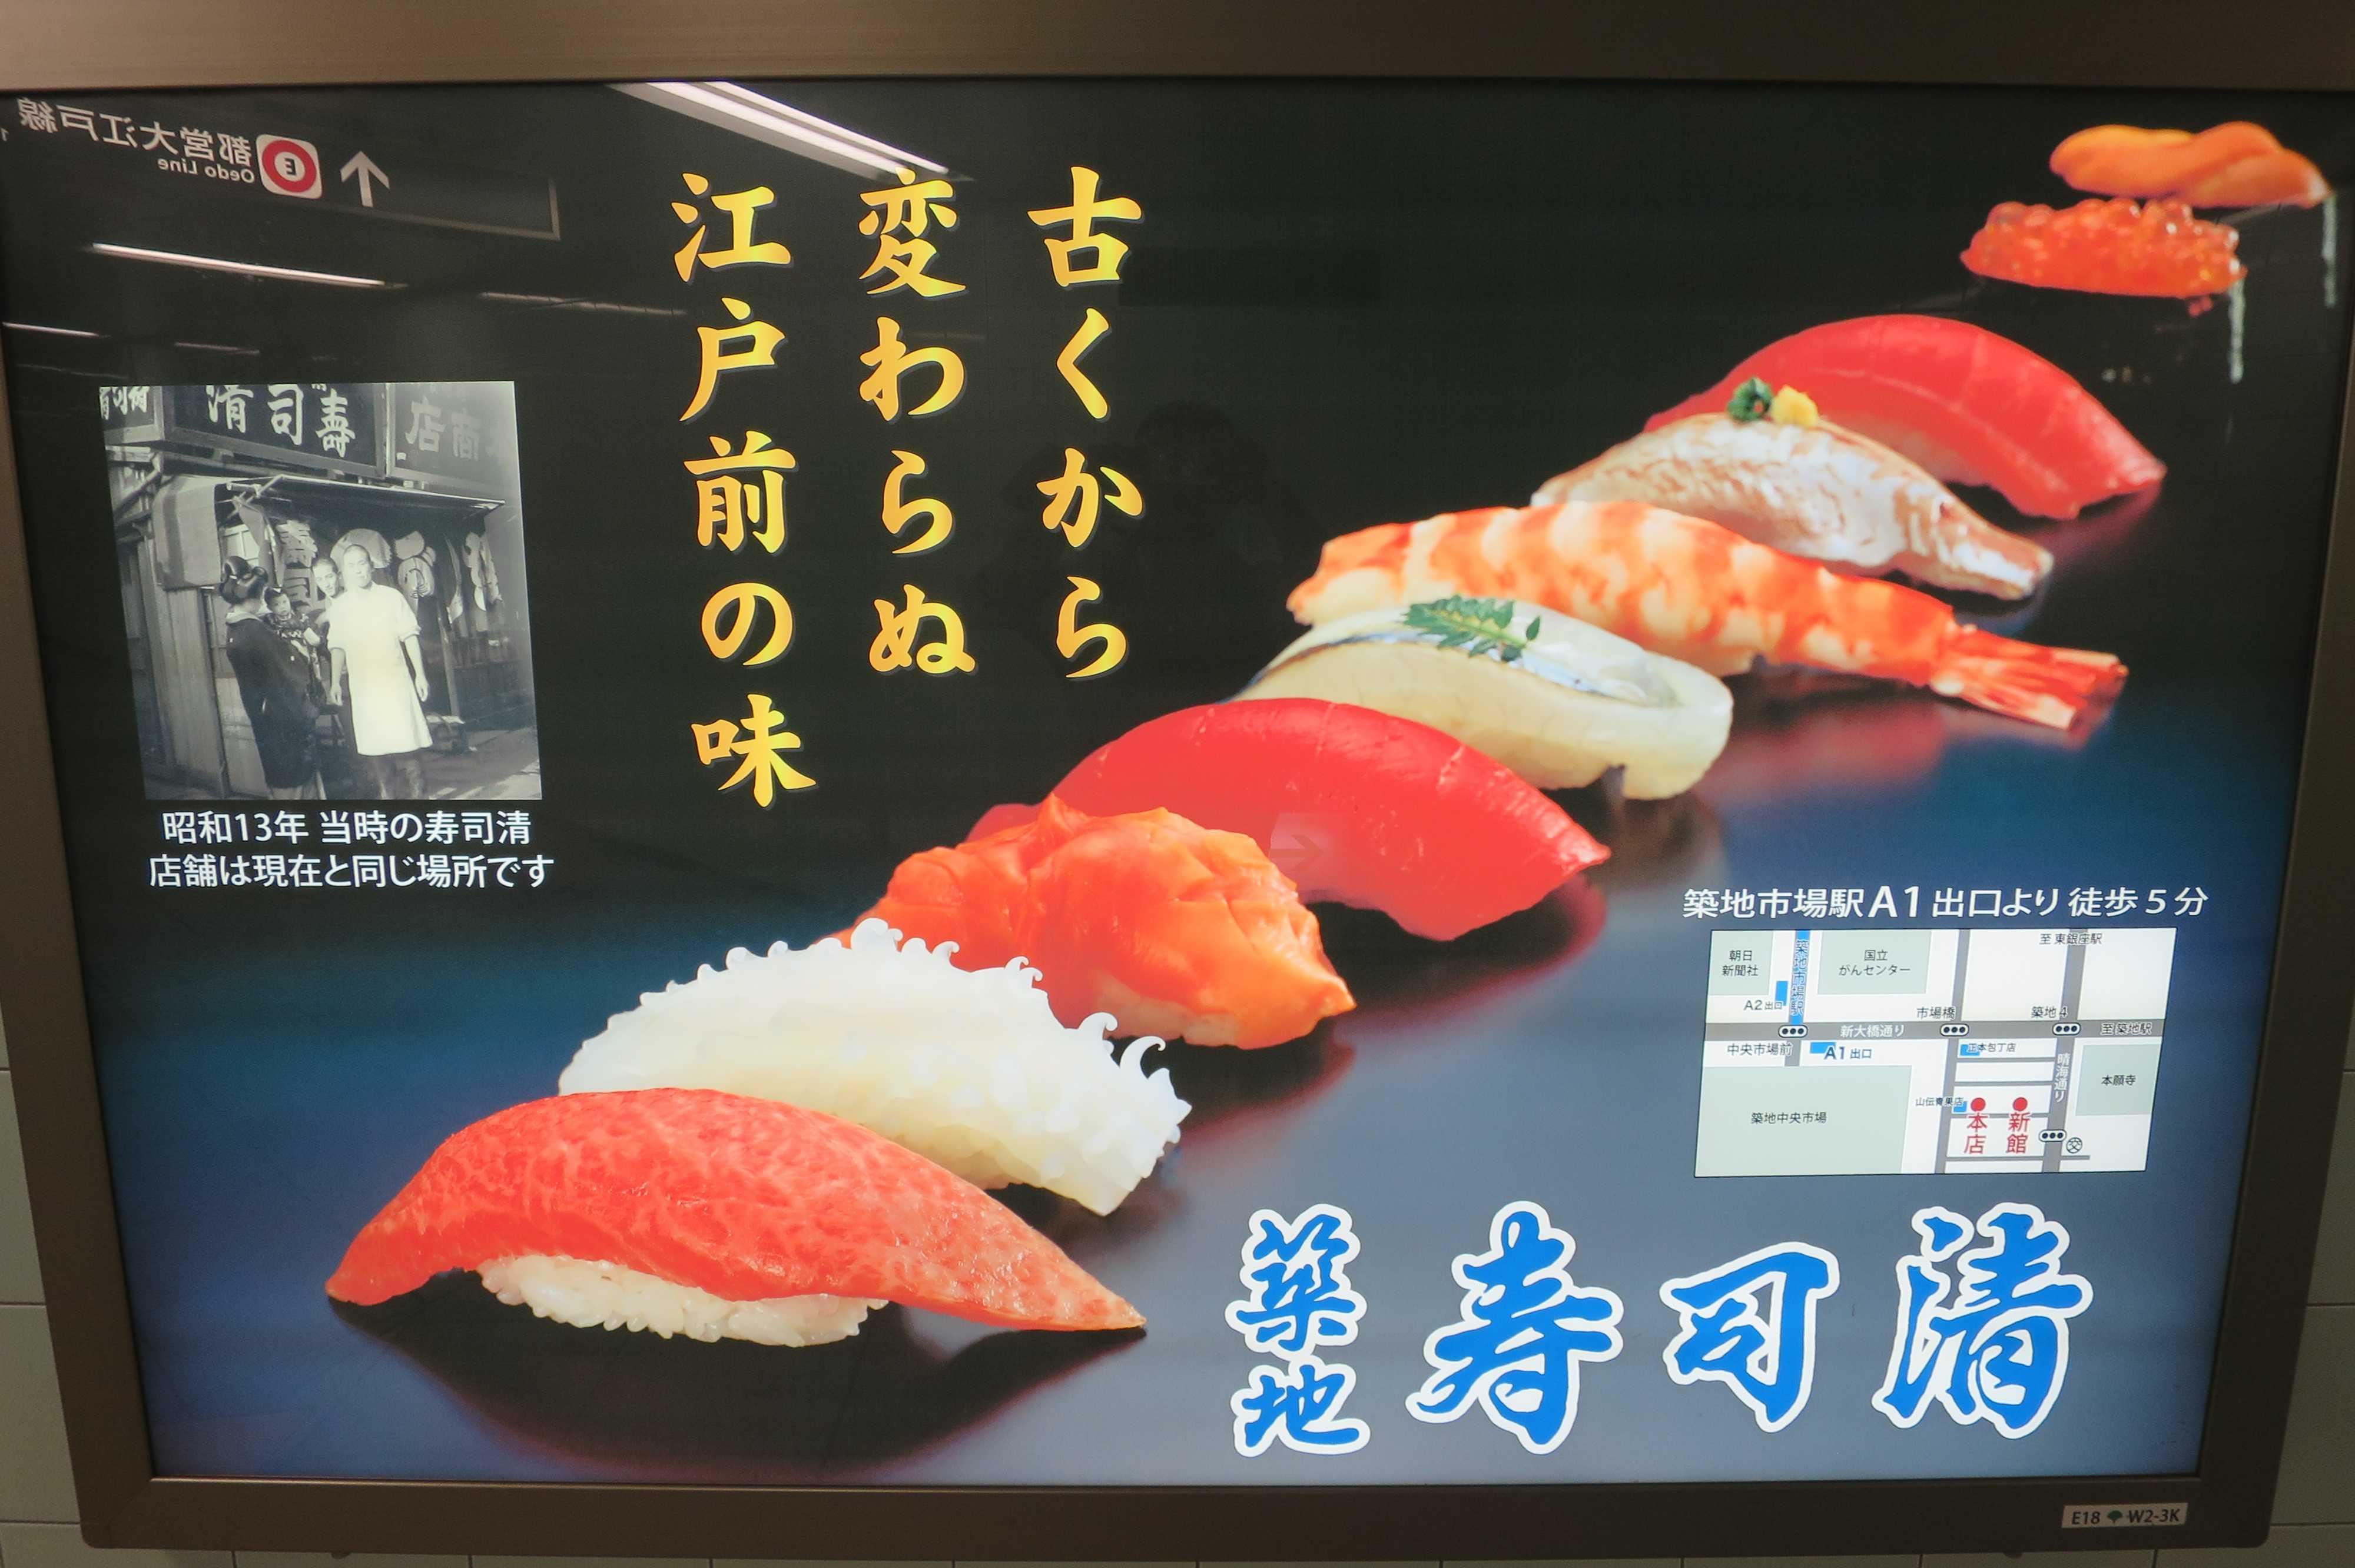 築地エリア - 大江戸線 築地市場駅の電飾看板(古くから変わらぬ江戸前の味「寿司清」)